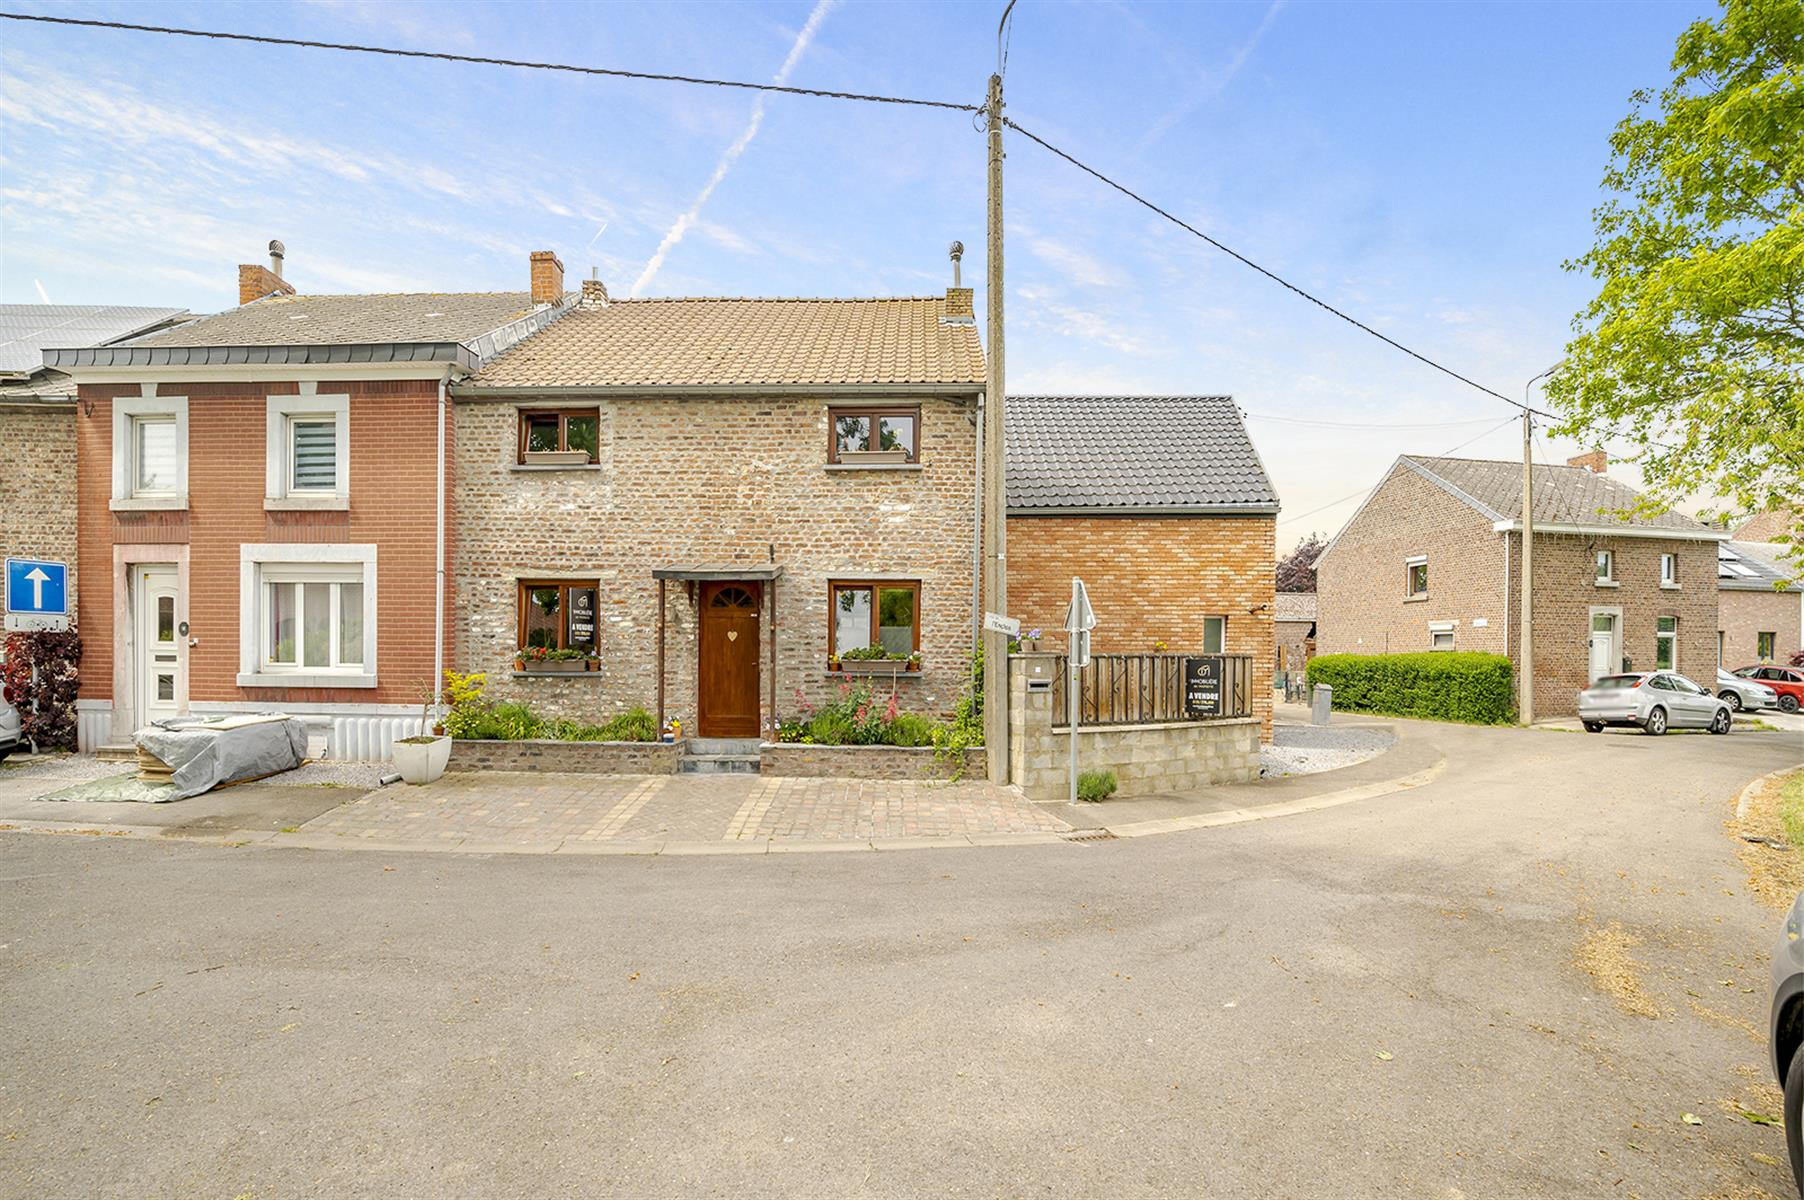 Maison - Braives - #4008745-4